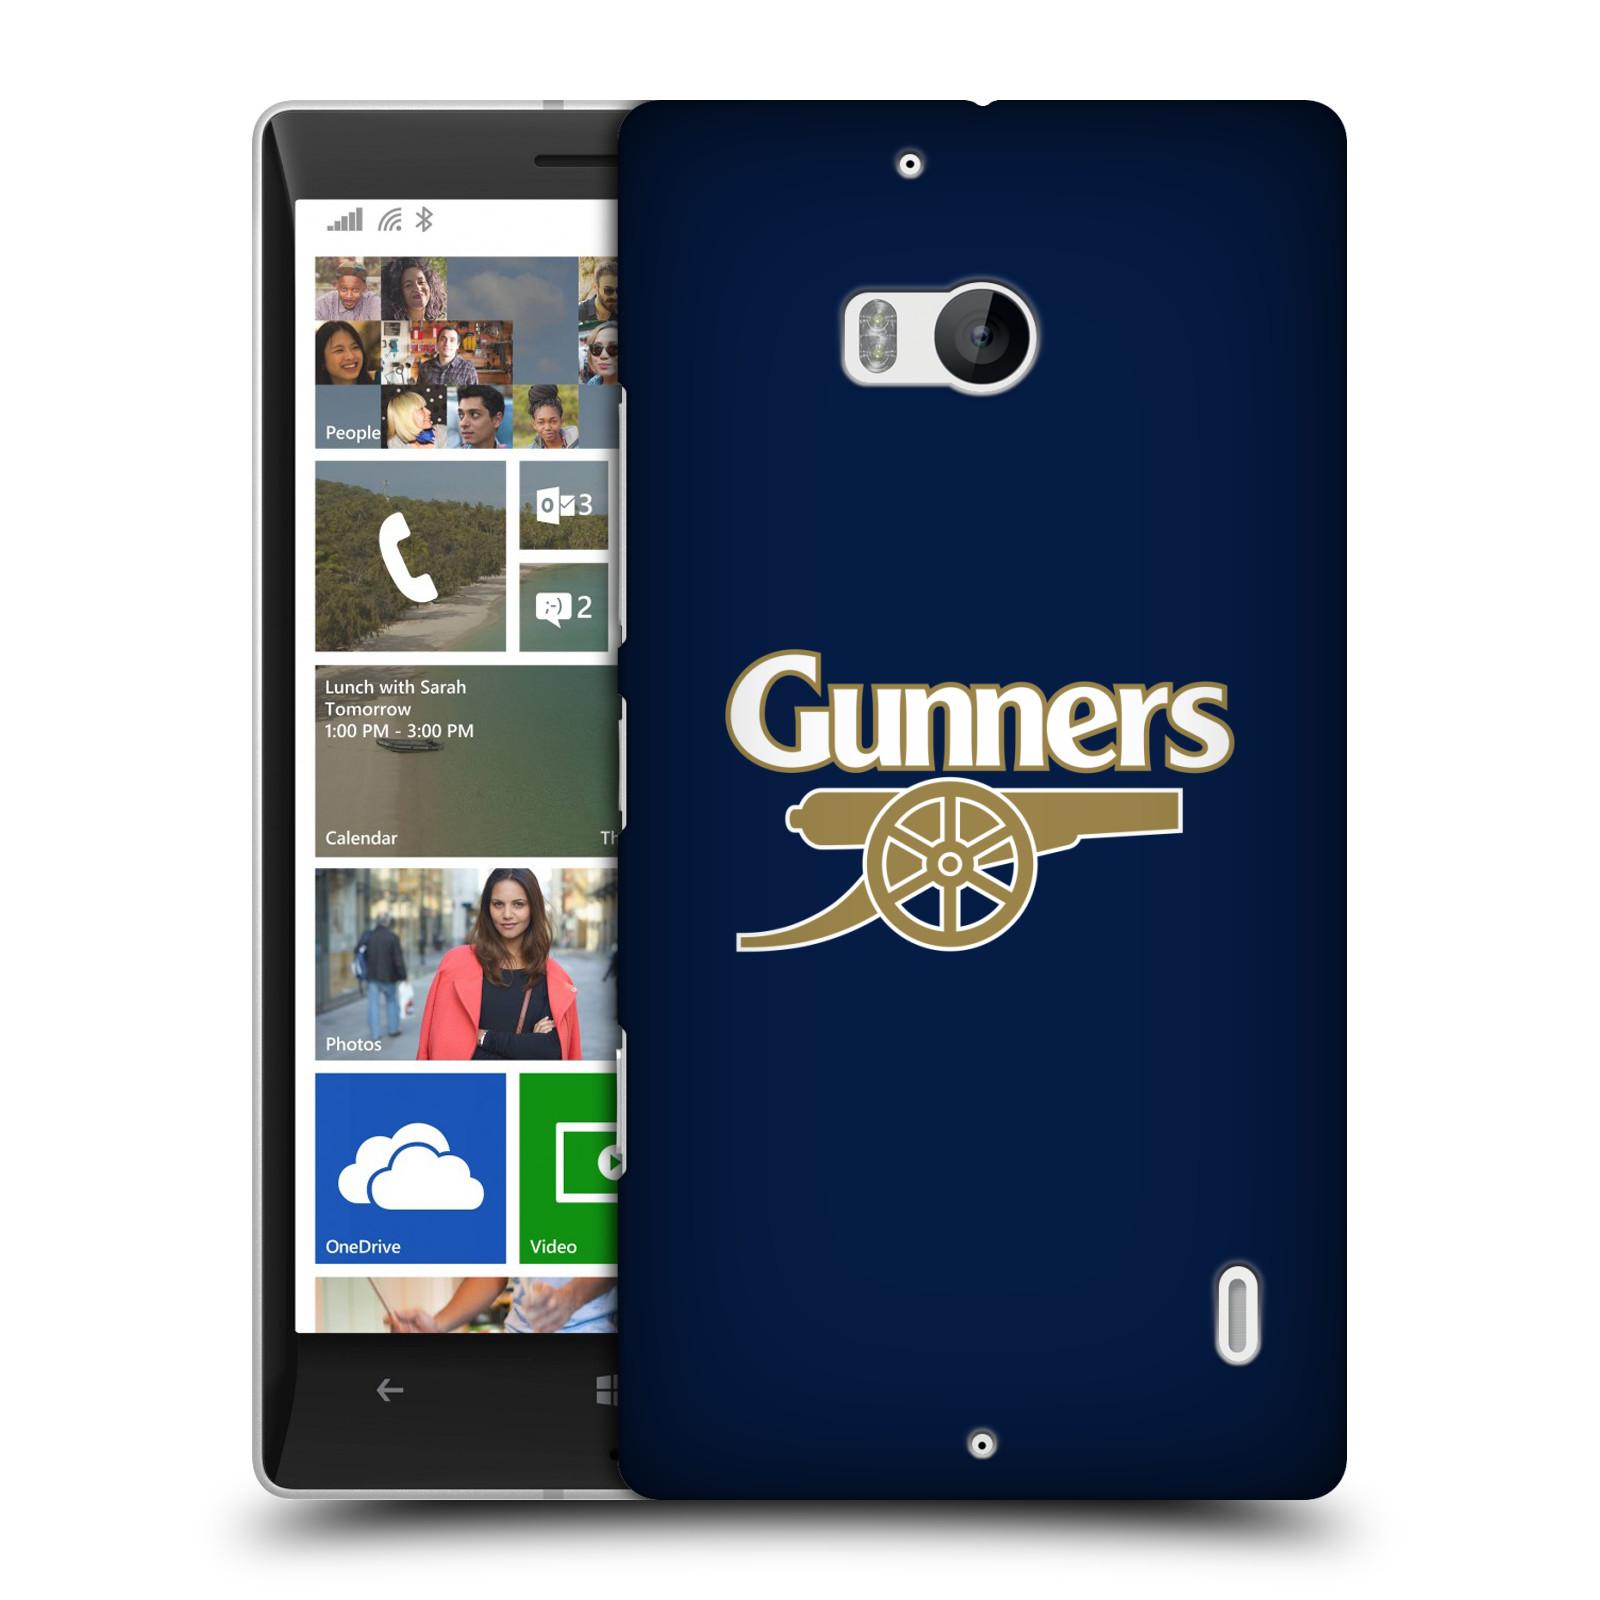 Plastové pouzdro na mobil Nokia Lumia 930 - Head Case - Arsenal FC - Gunners